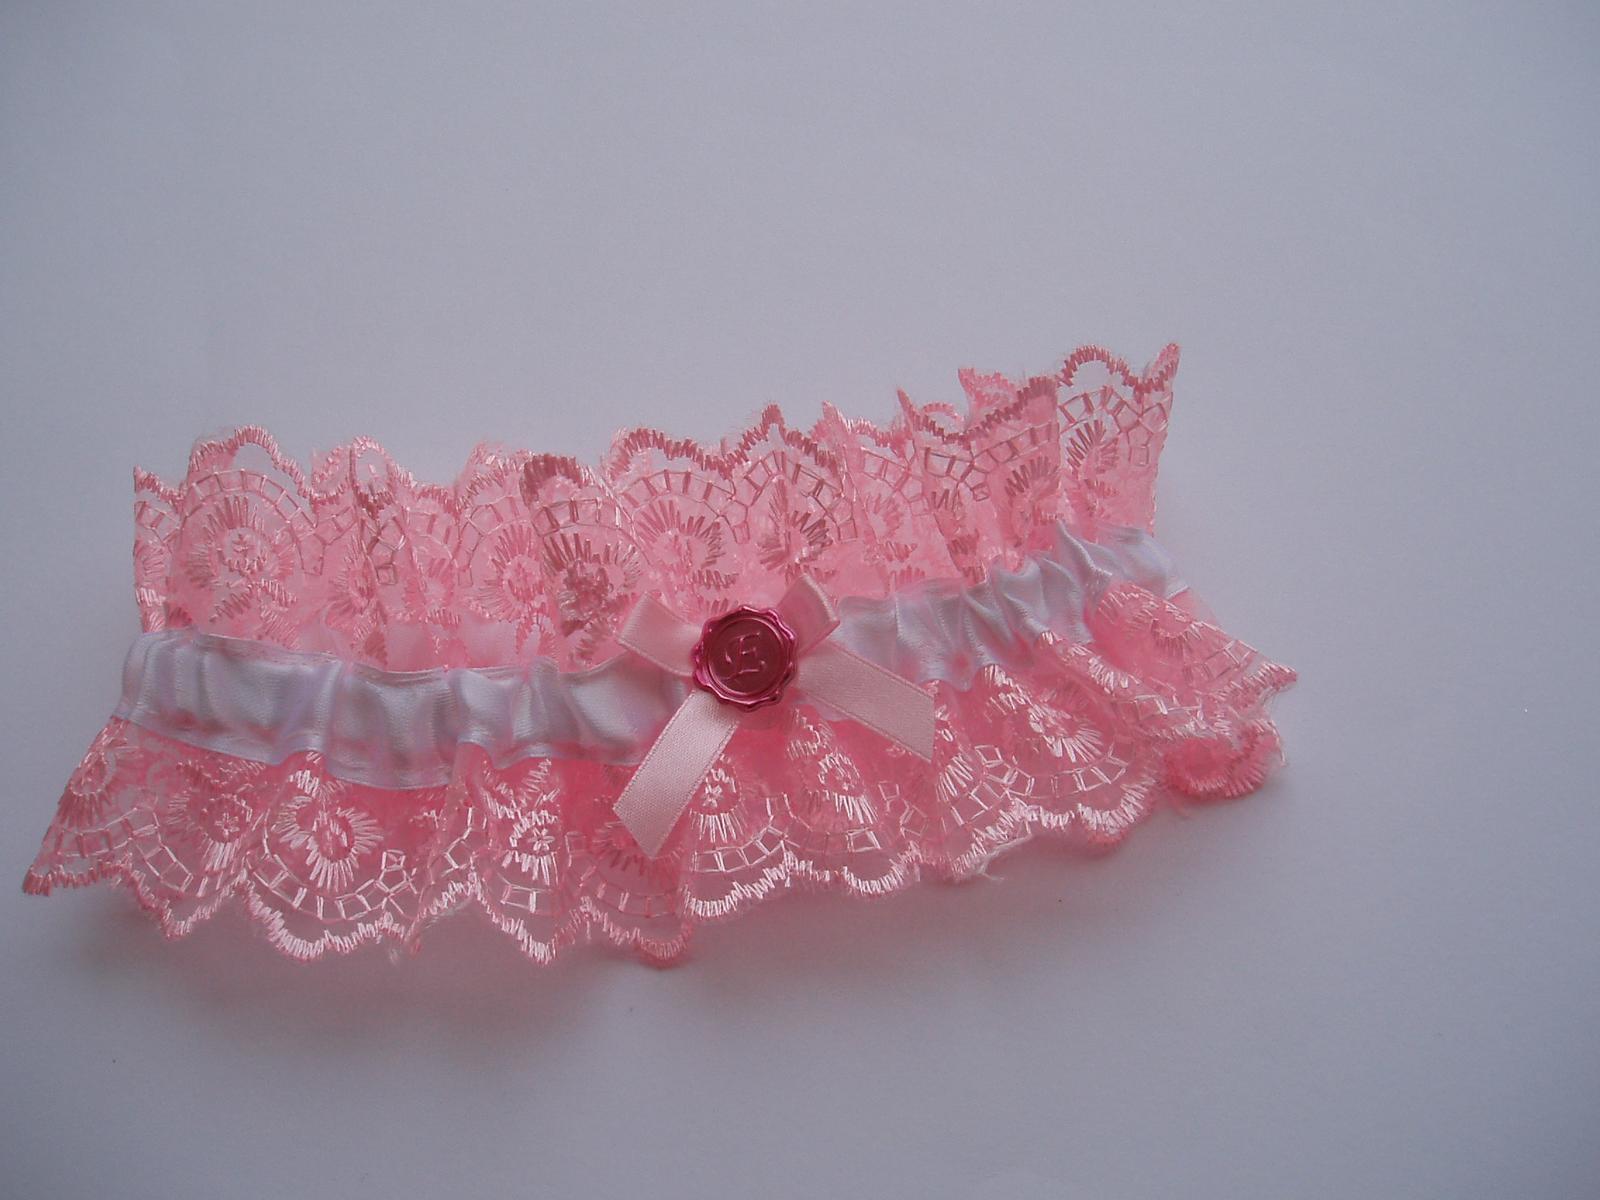 růžový podvazek - Obrázek č. 4